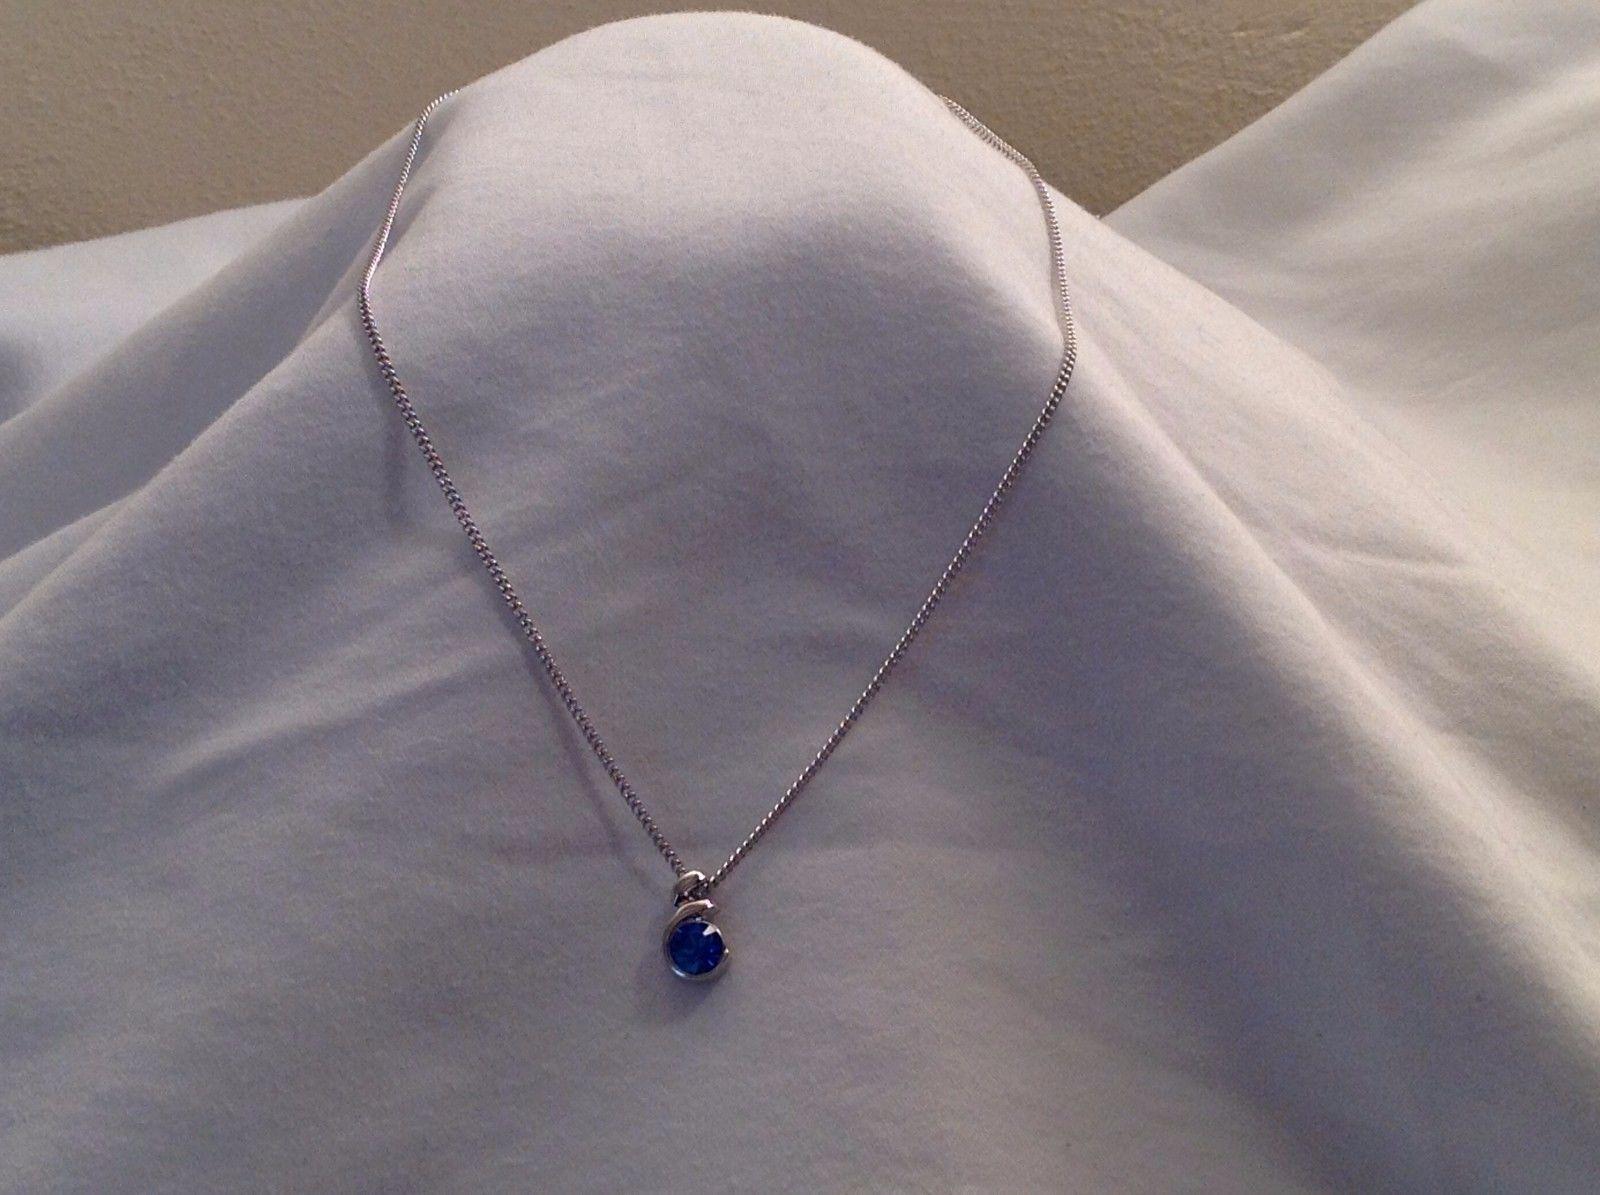 """New NWT Annaleece Essetia Rhodium Necklace Sapphire Swarovski Element 16"""" Chain"""